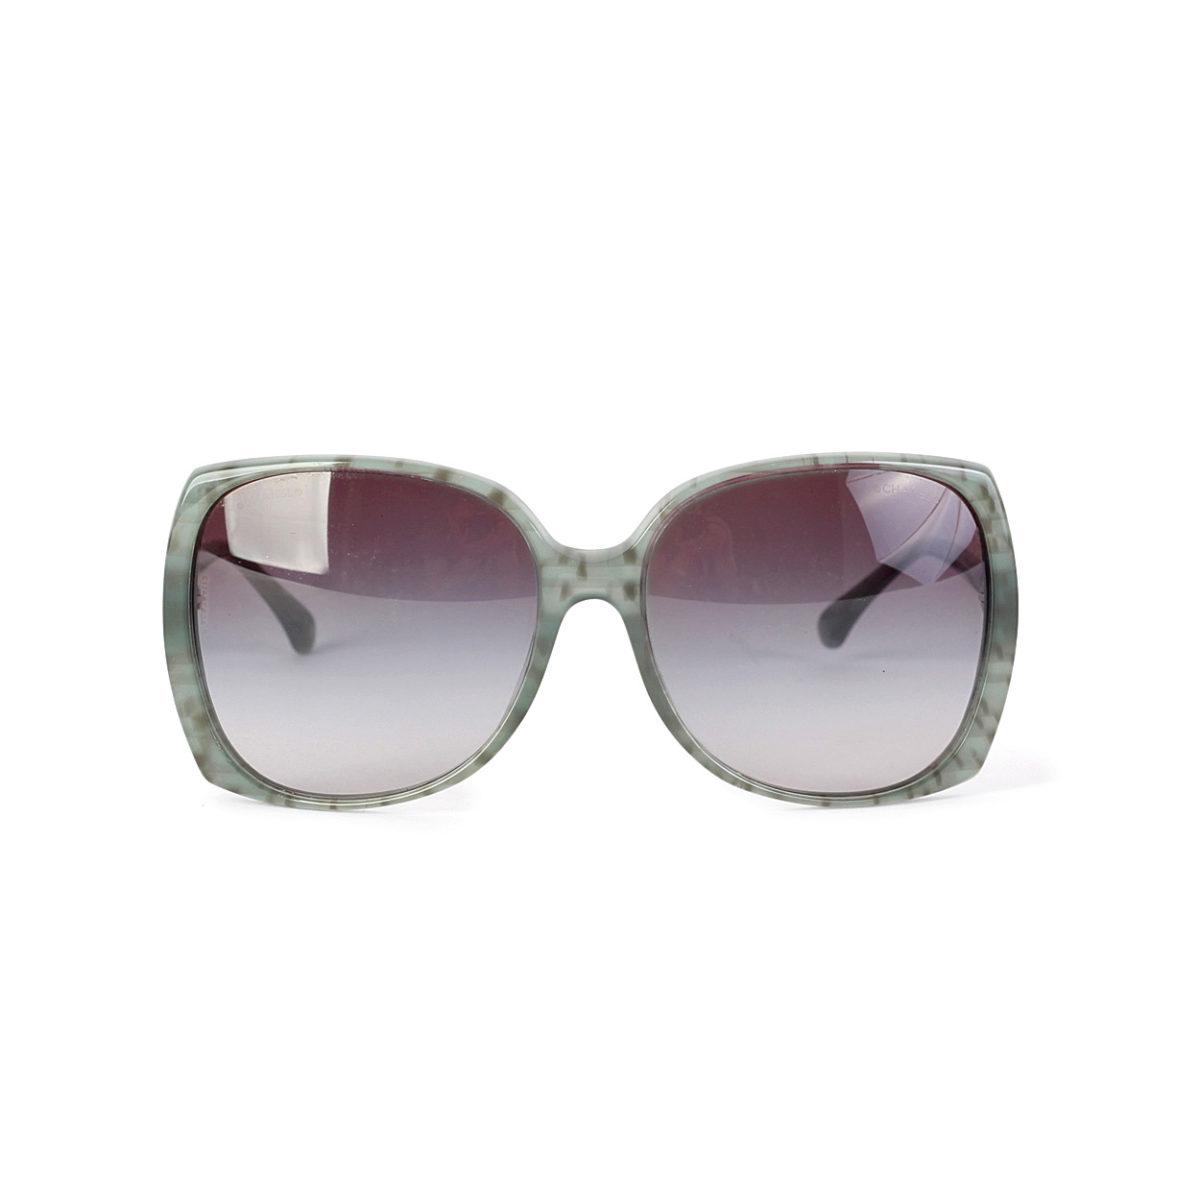 e157538b16281 Chanel Sunglasses Square - Ontario Active School Travel